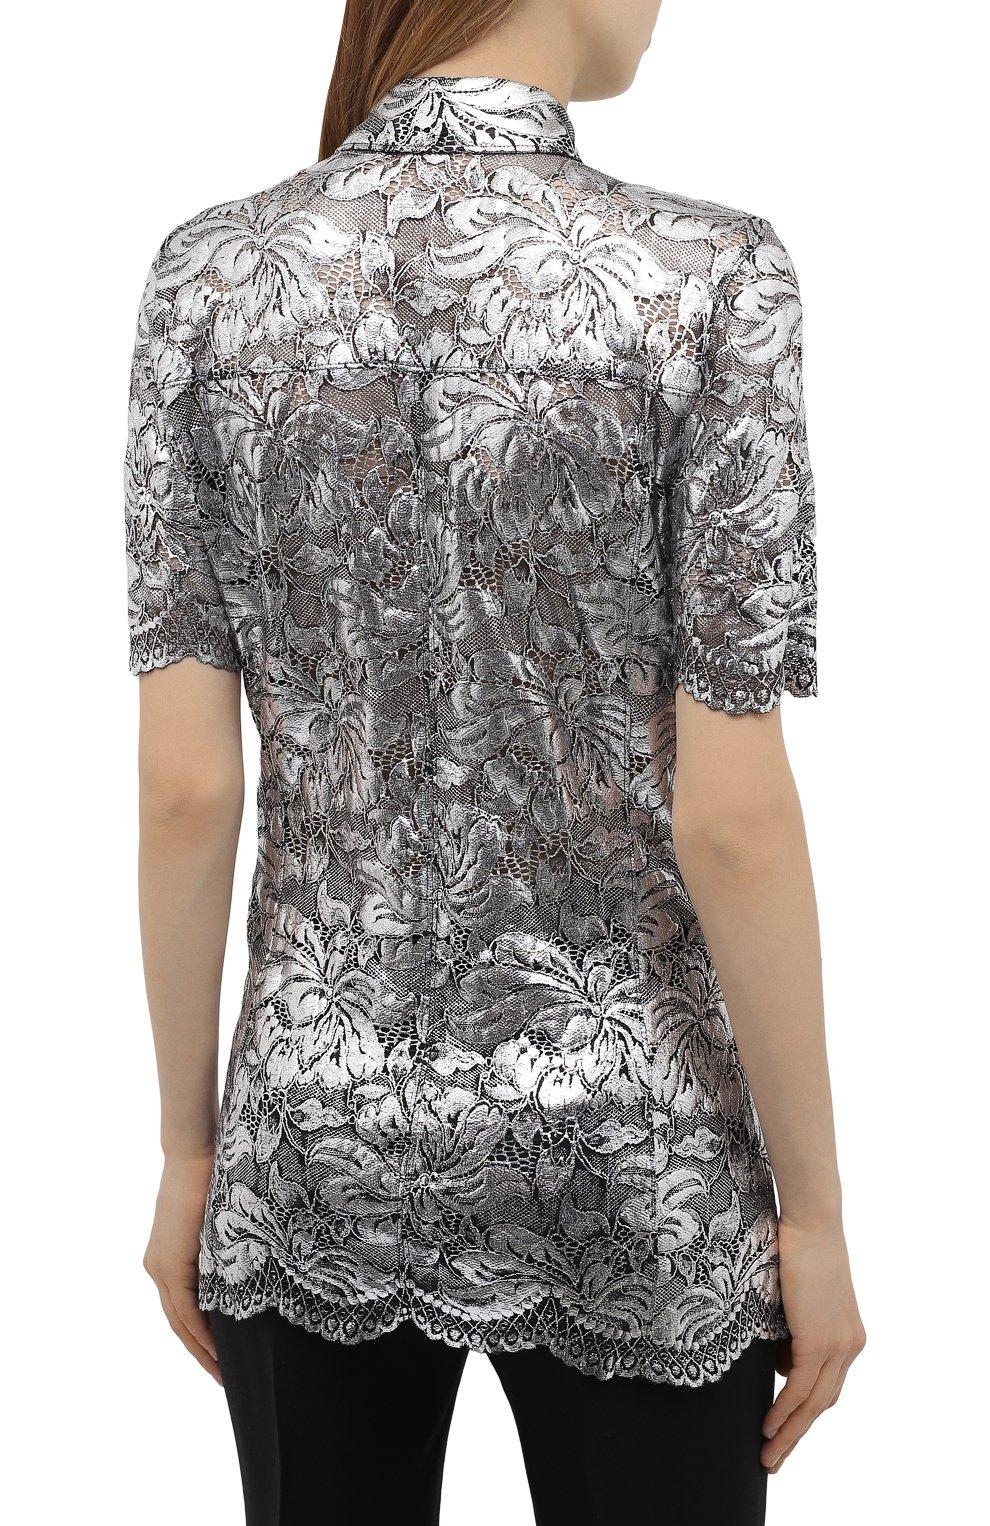 Женская блузка PACO RABANNE серебряного цвета, арт. 21EJCE057PA0173   Фото 4 (Принт: Без принта; Рукава: Короткие; Материал внешний: Синтетический материал; Длина (для топов): Удлиненные; Стили: Романтичный; Женское Кросс-КТ: Блуза-одежда)